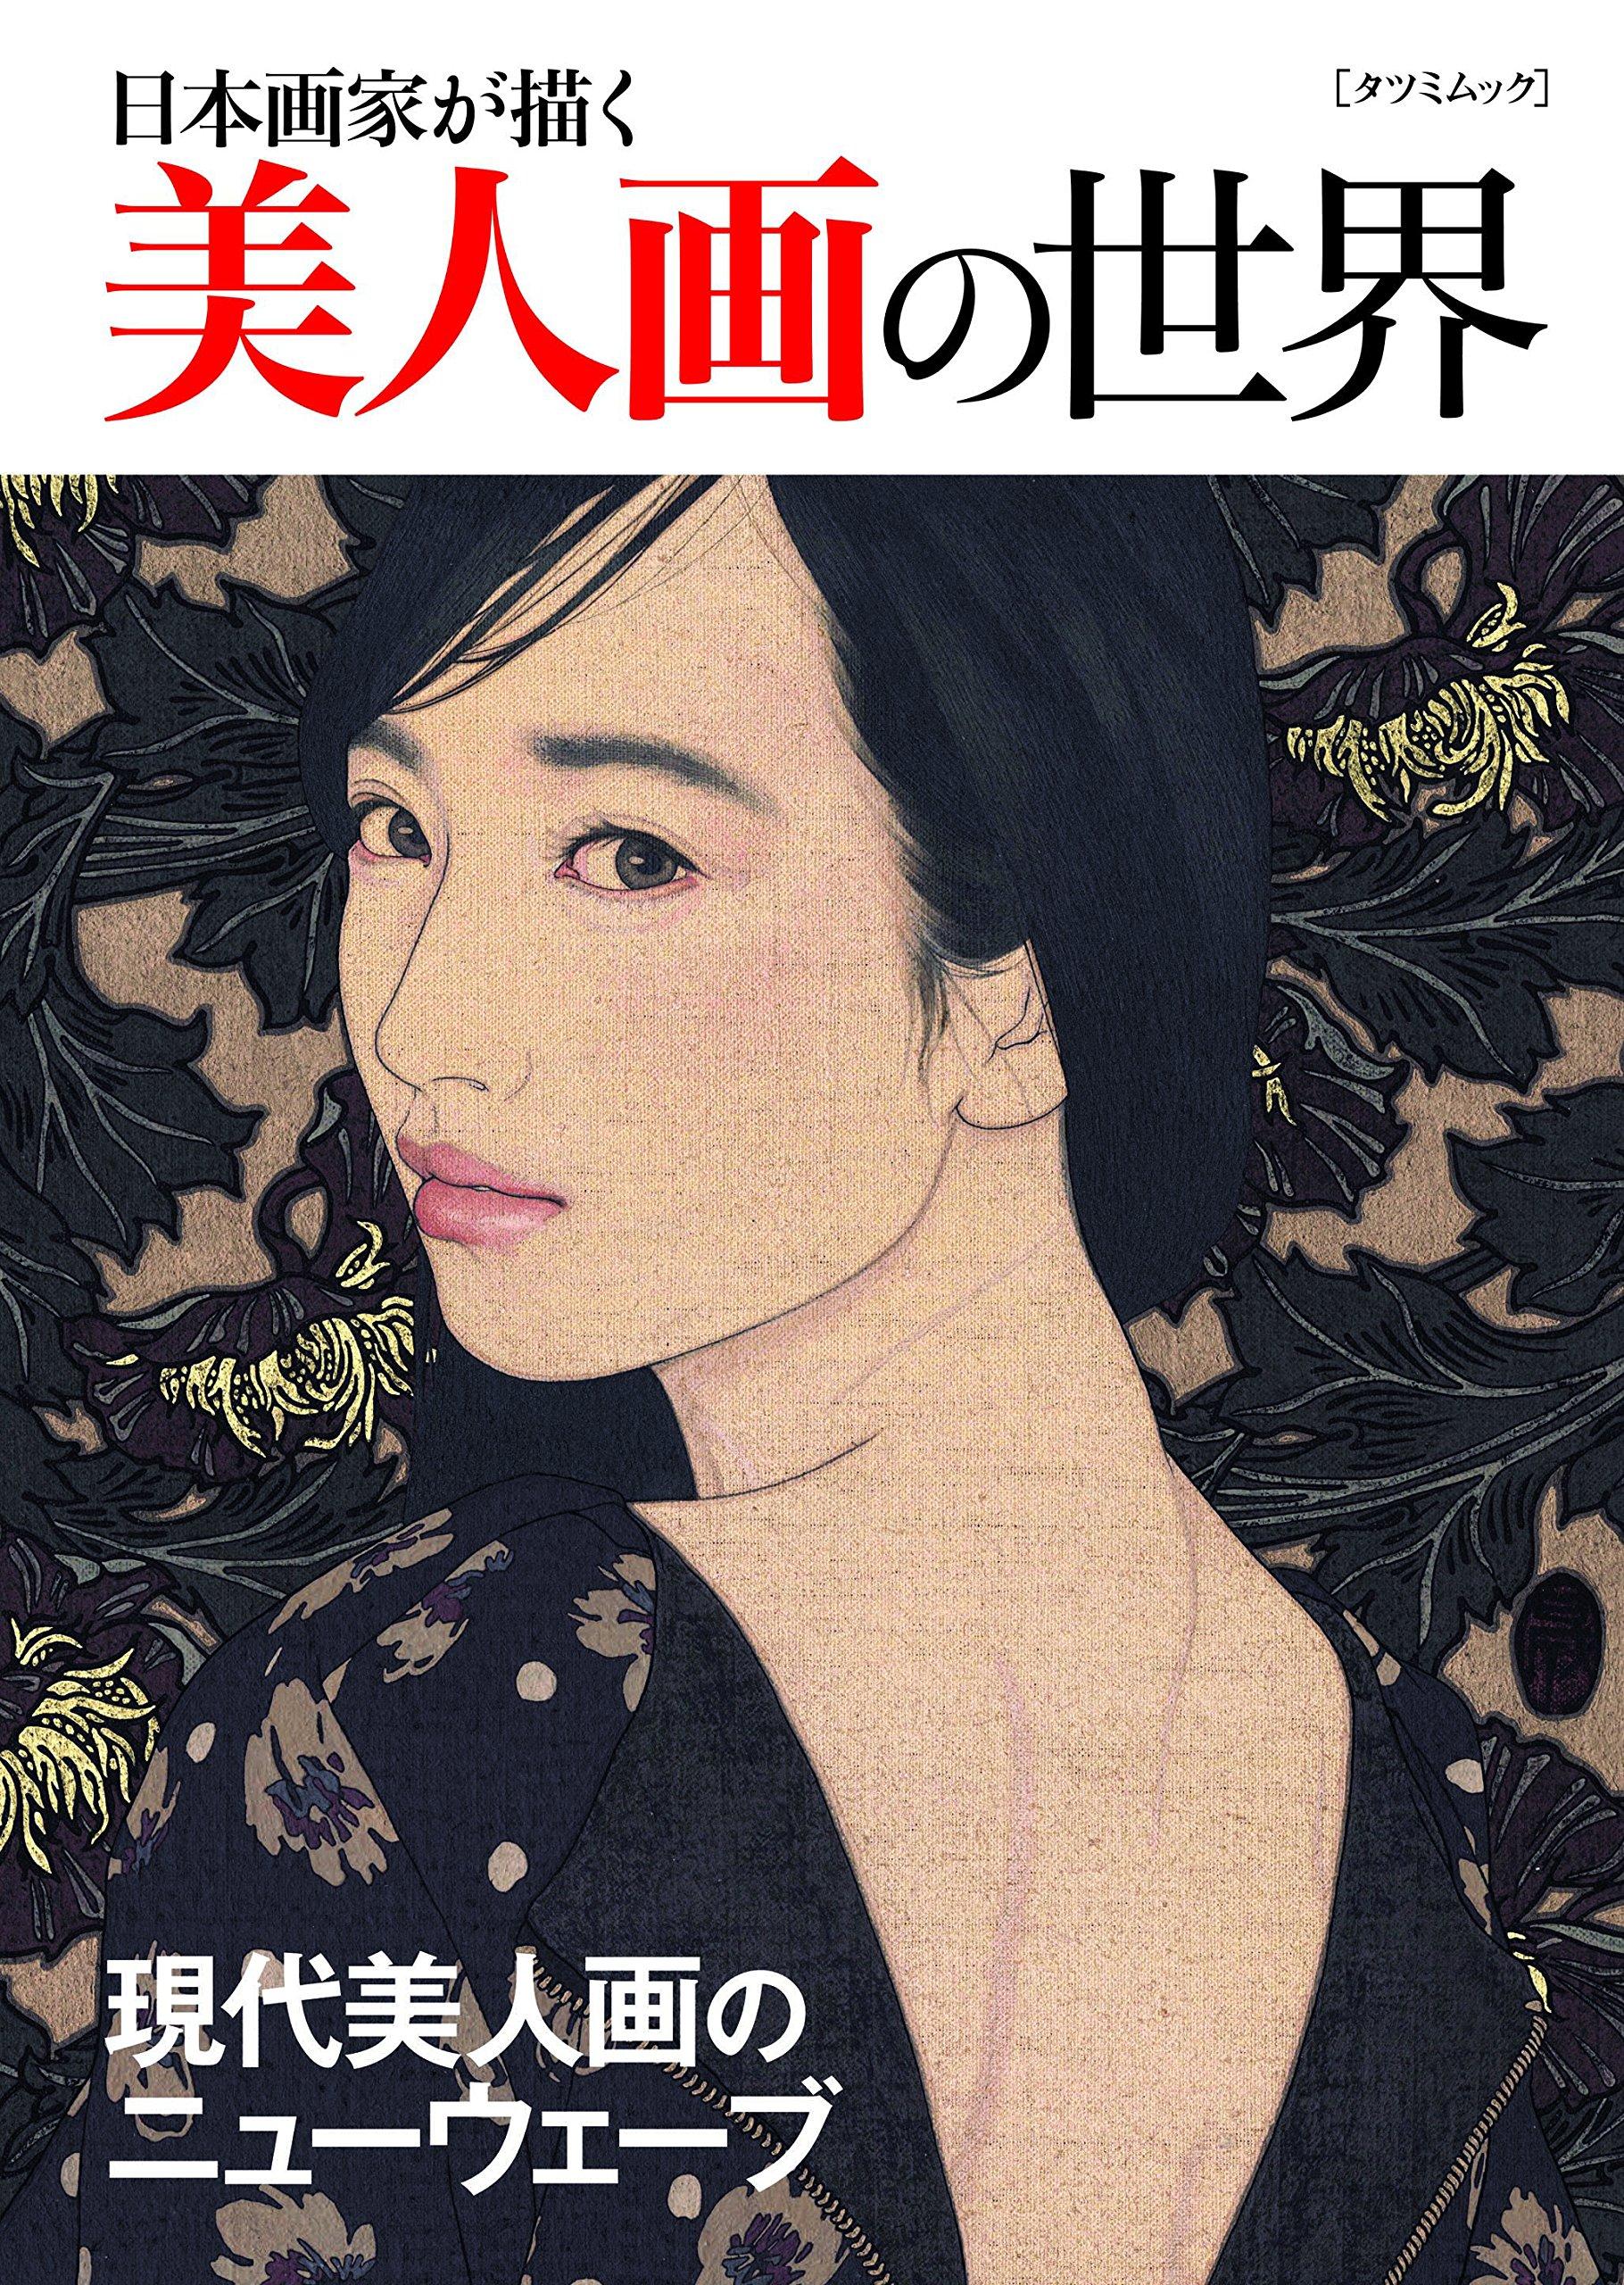 日本画家が描く美人画の世界 タツミムック 本 通販 Amazon